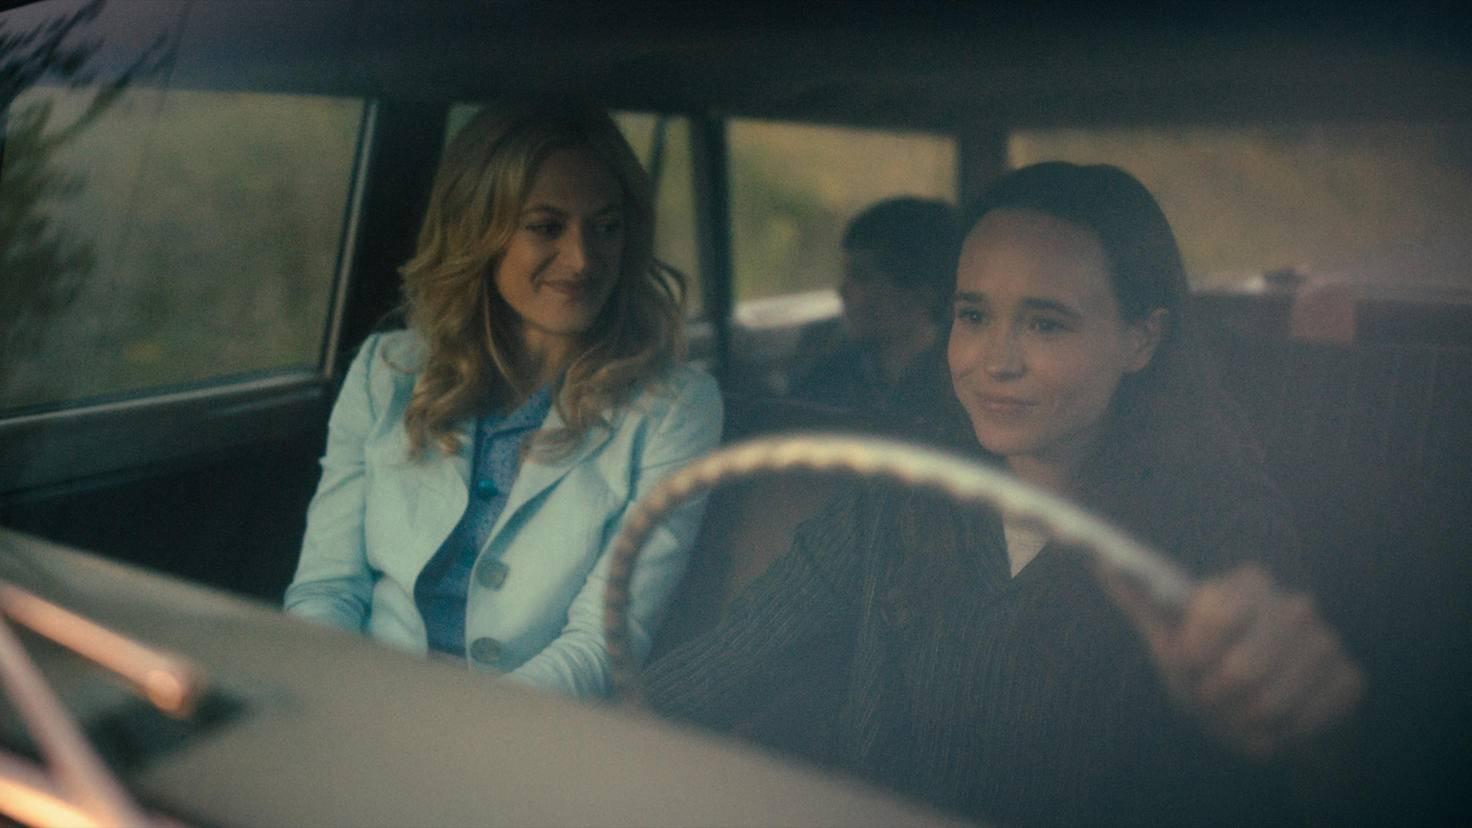 Umbrella Academy Marin Ireland als Sissy und Ellen Page als Vanya Staffel 2